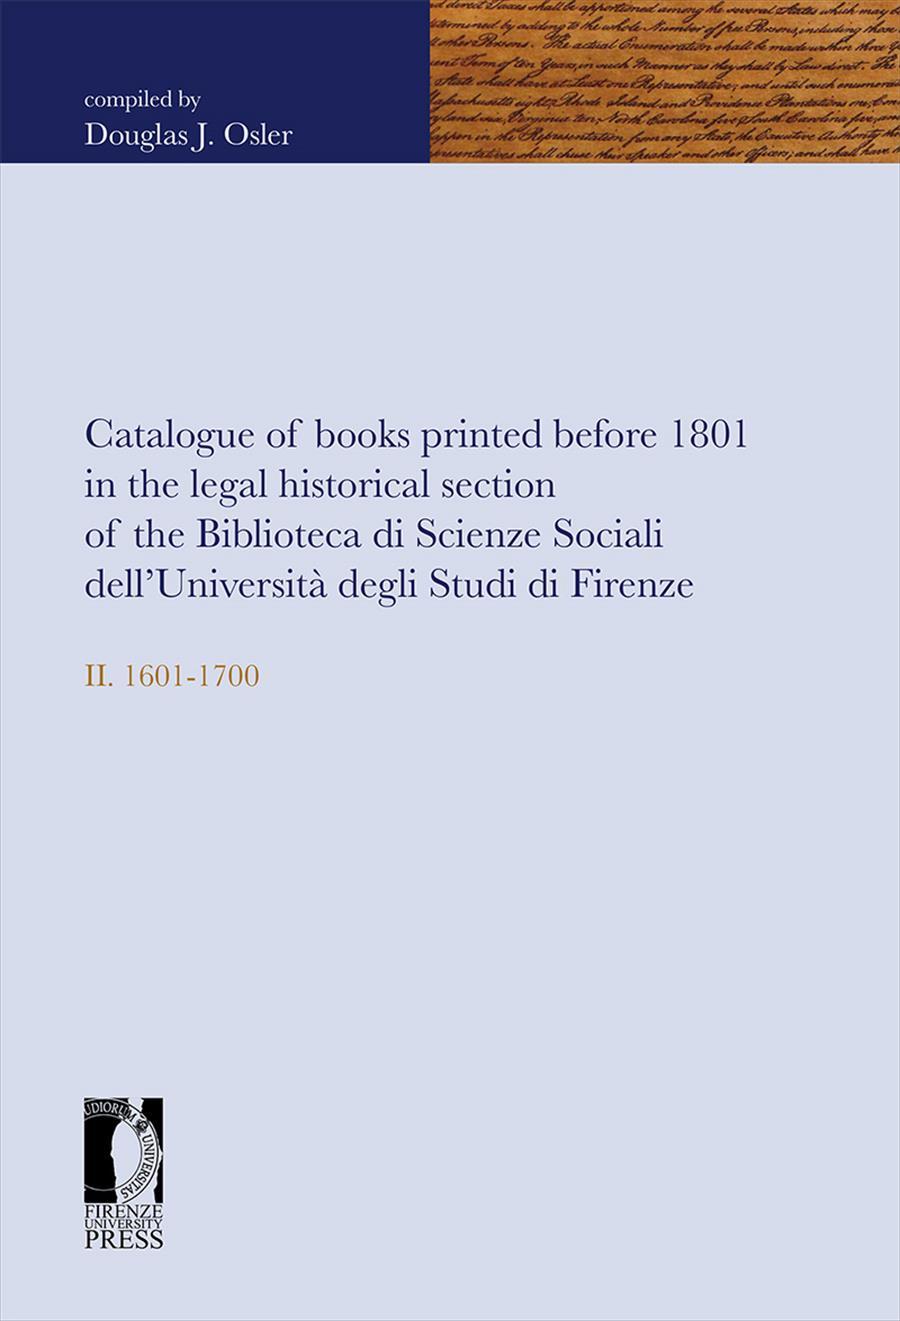 Catalogue of books printed before 1801 in the legal historical section of the Biblioteca di Scienze Sociali dell'Università degli Studi di Firenze